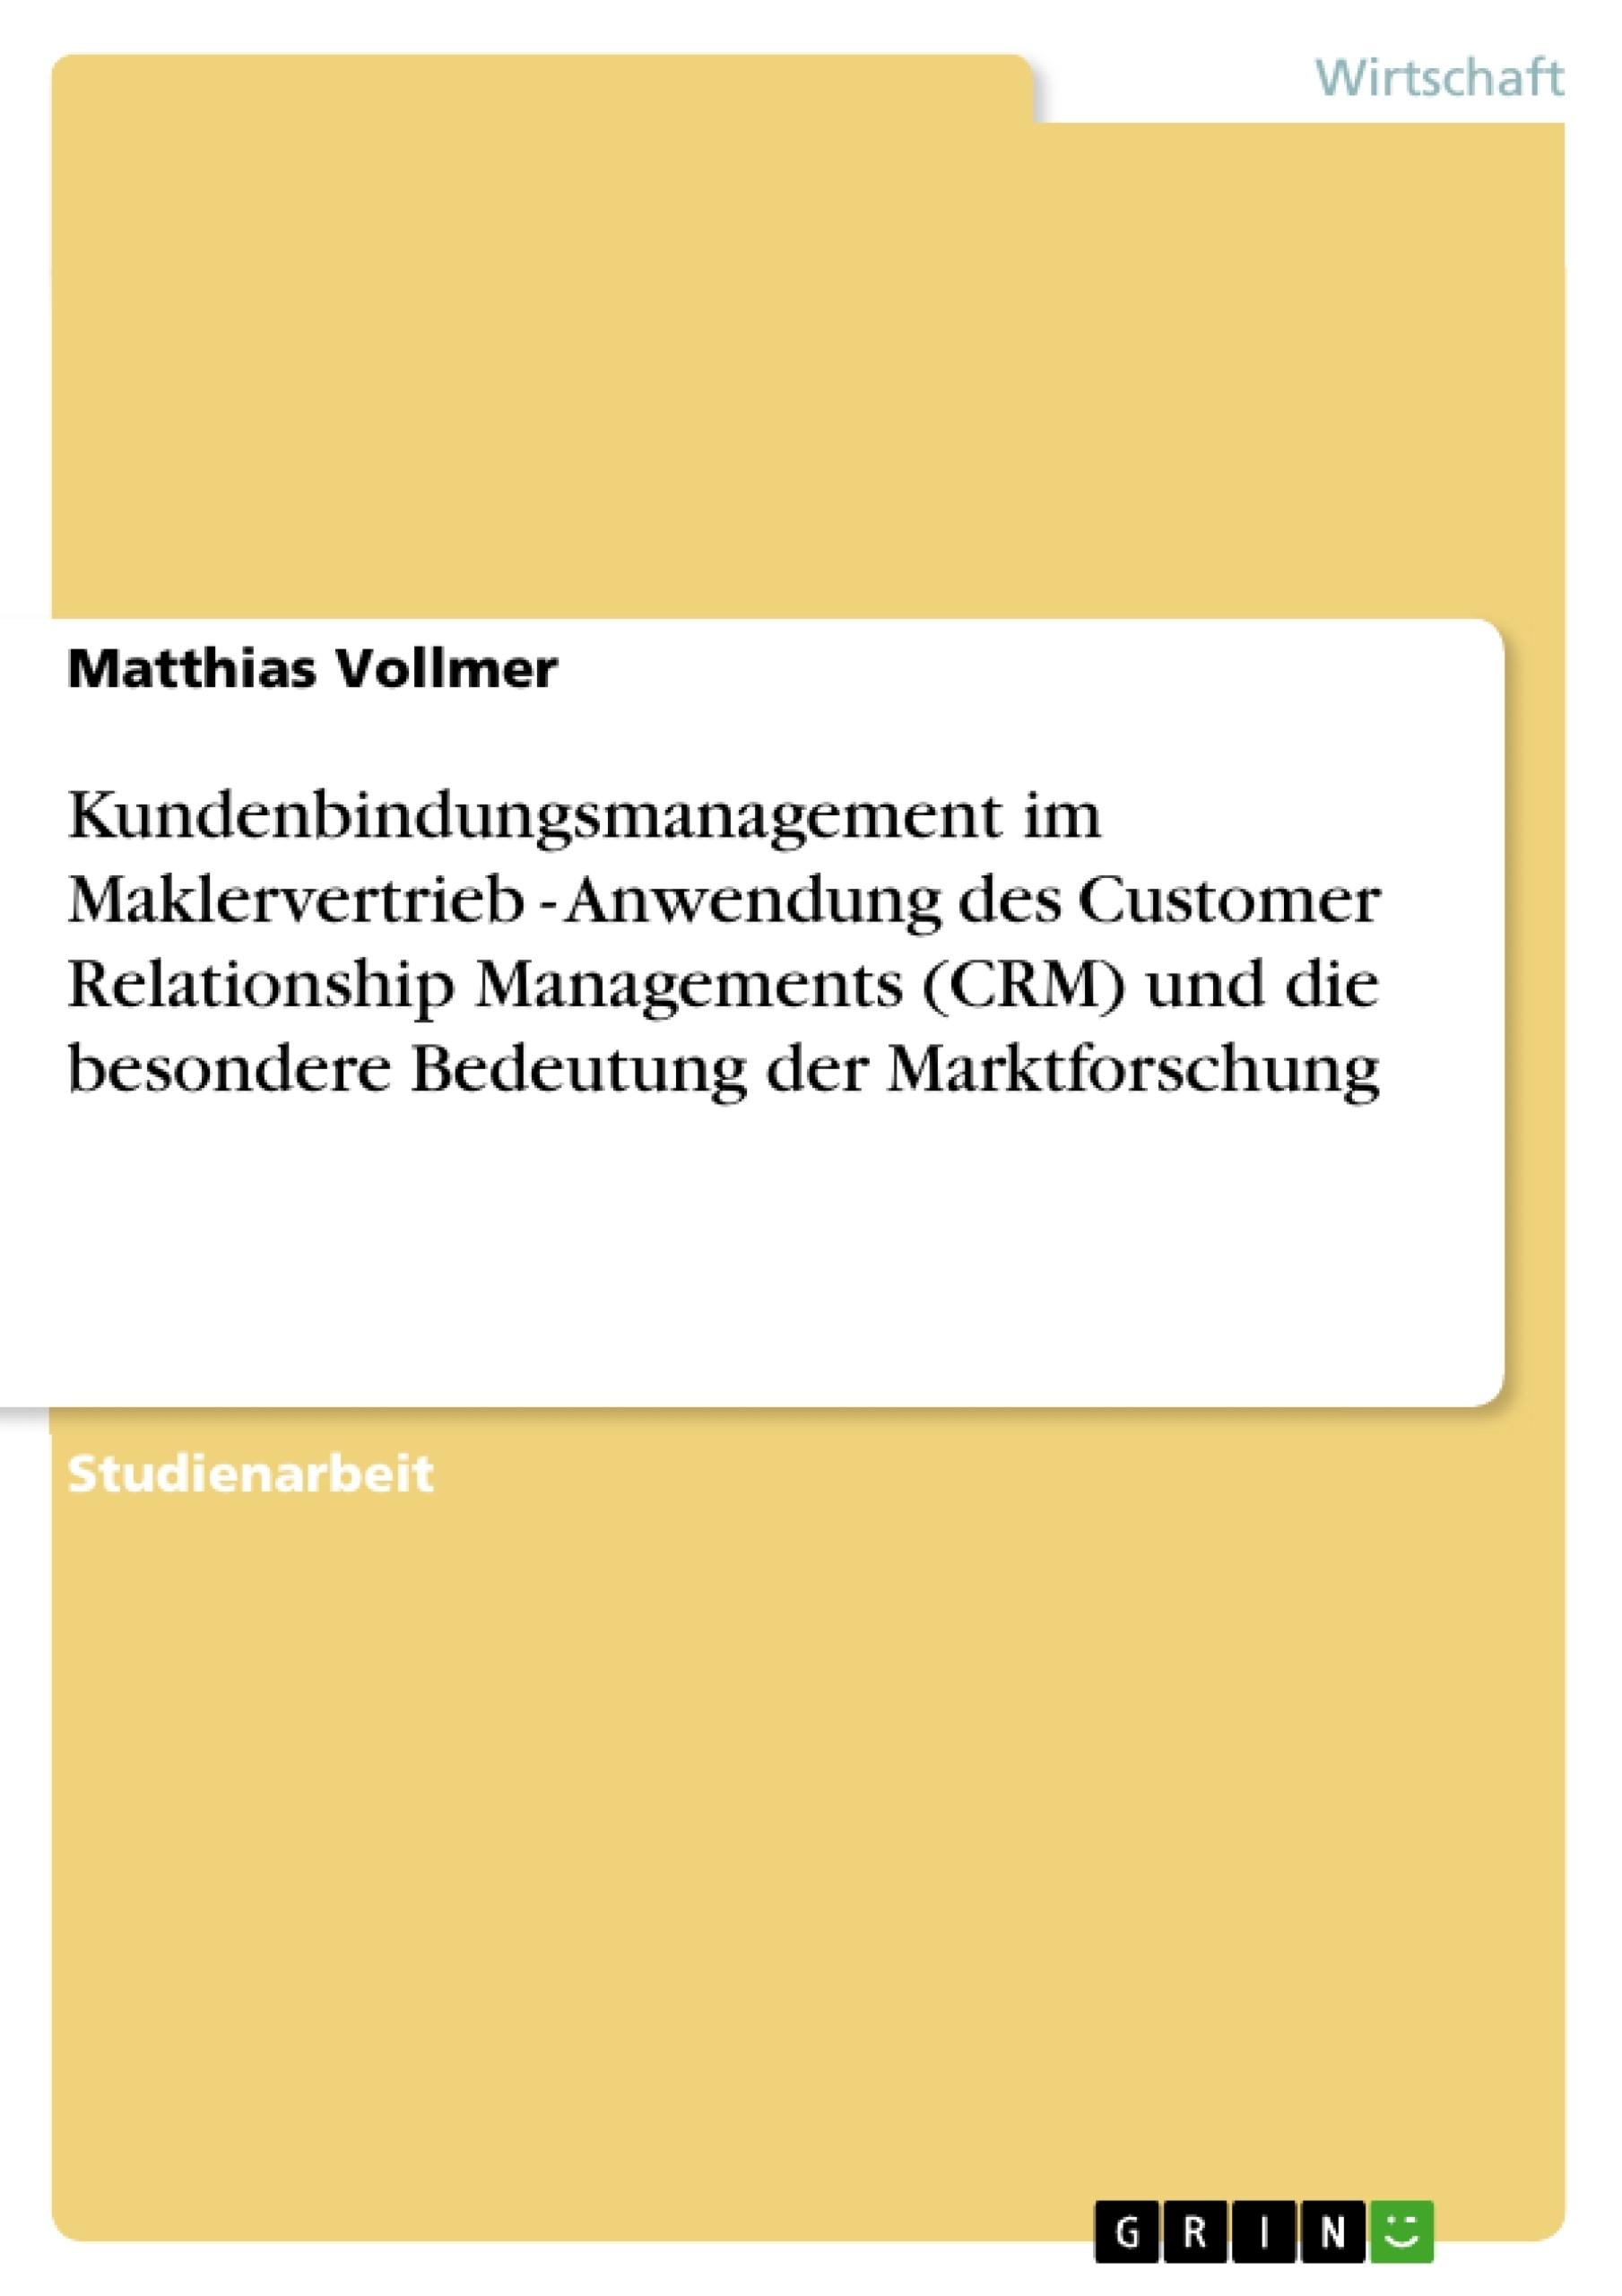 Titel: Kundenbindungsmanagement im Maklervertrieb - Anwendung des Customer Relationship Managements (CRM) und die besondere Bedeutung der Marktforschung